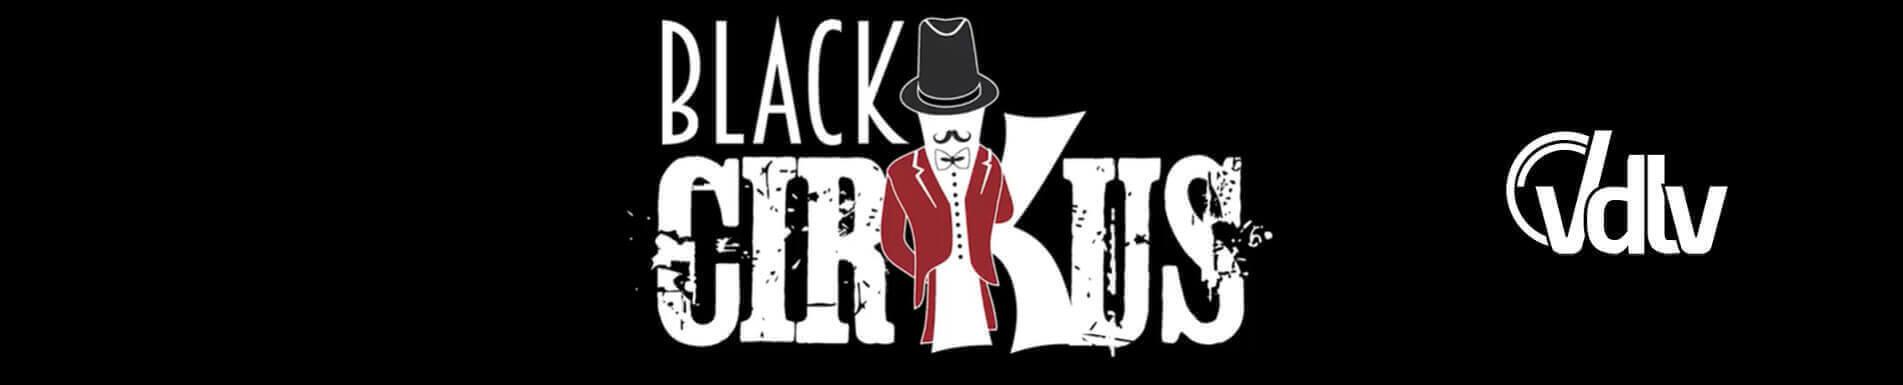 E-liquides Black Cirkus par VDLV